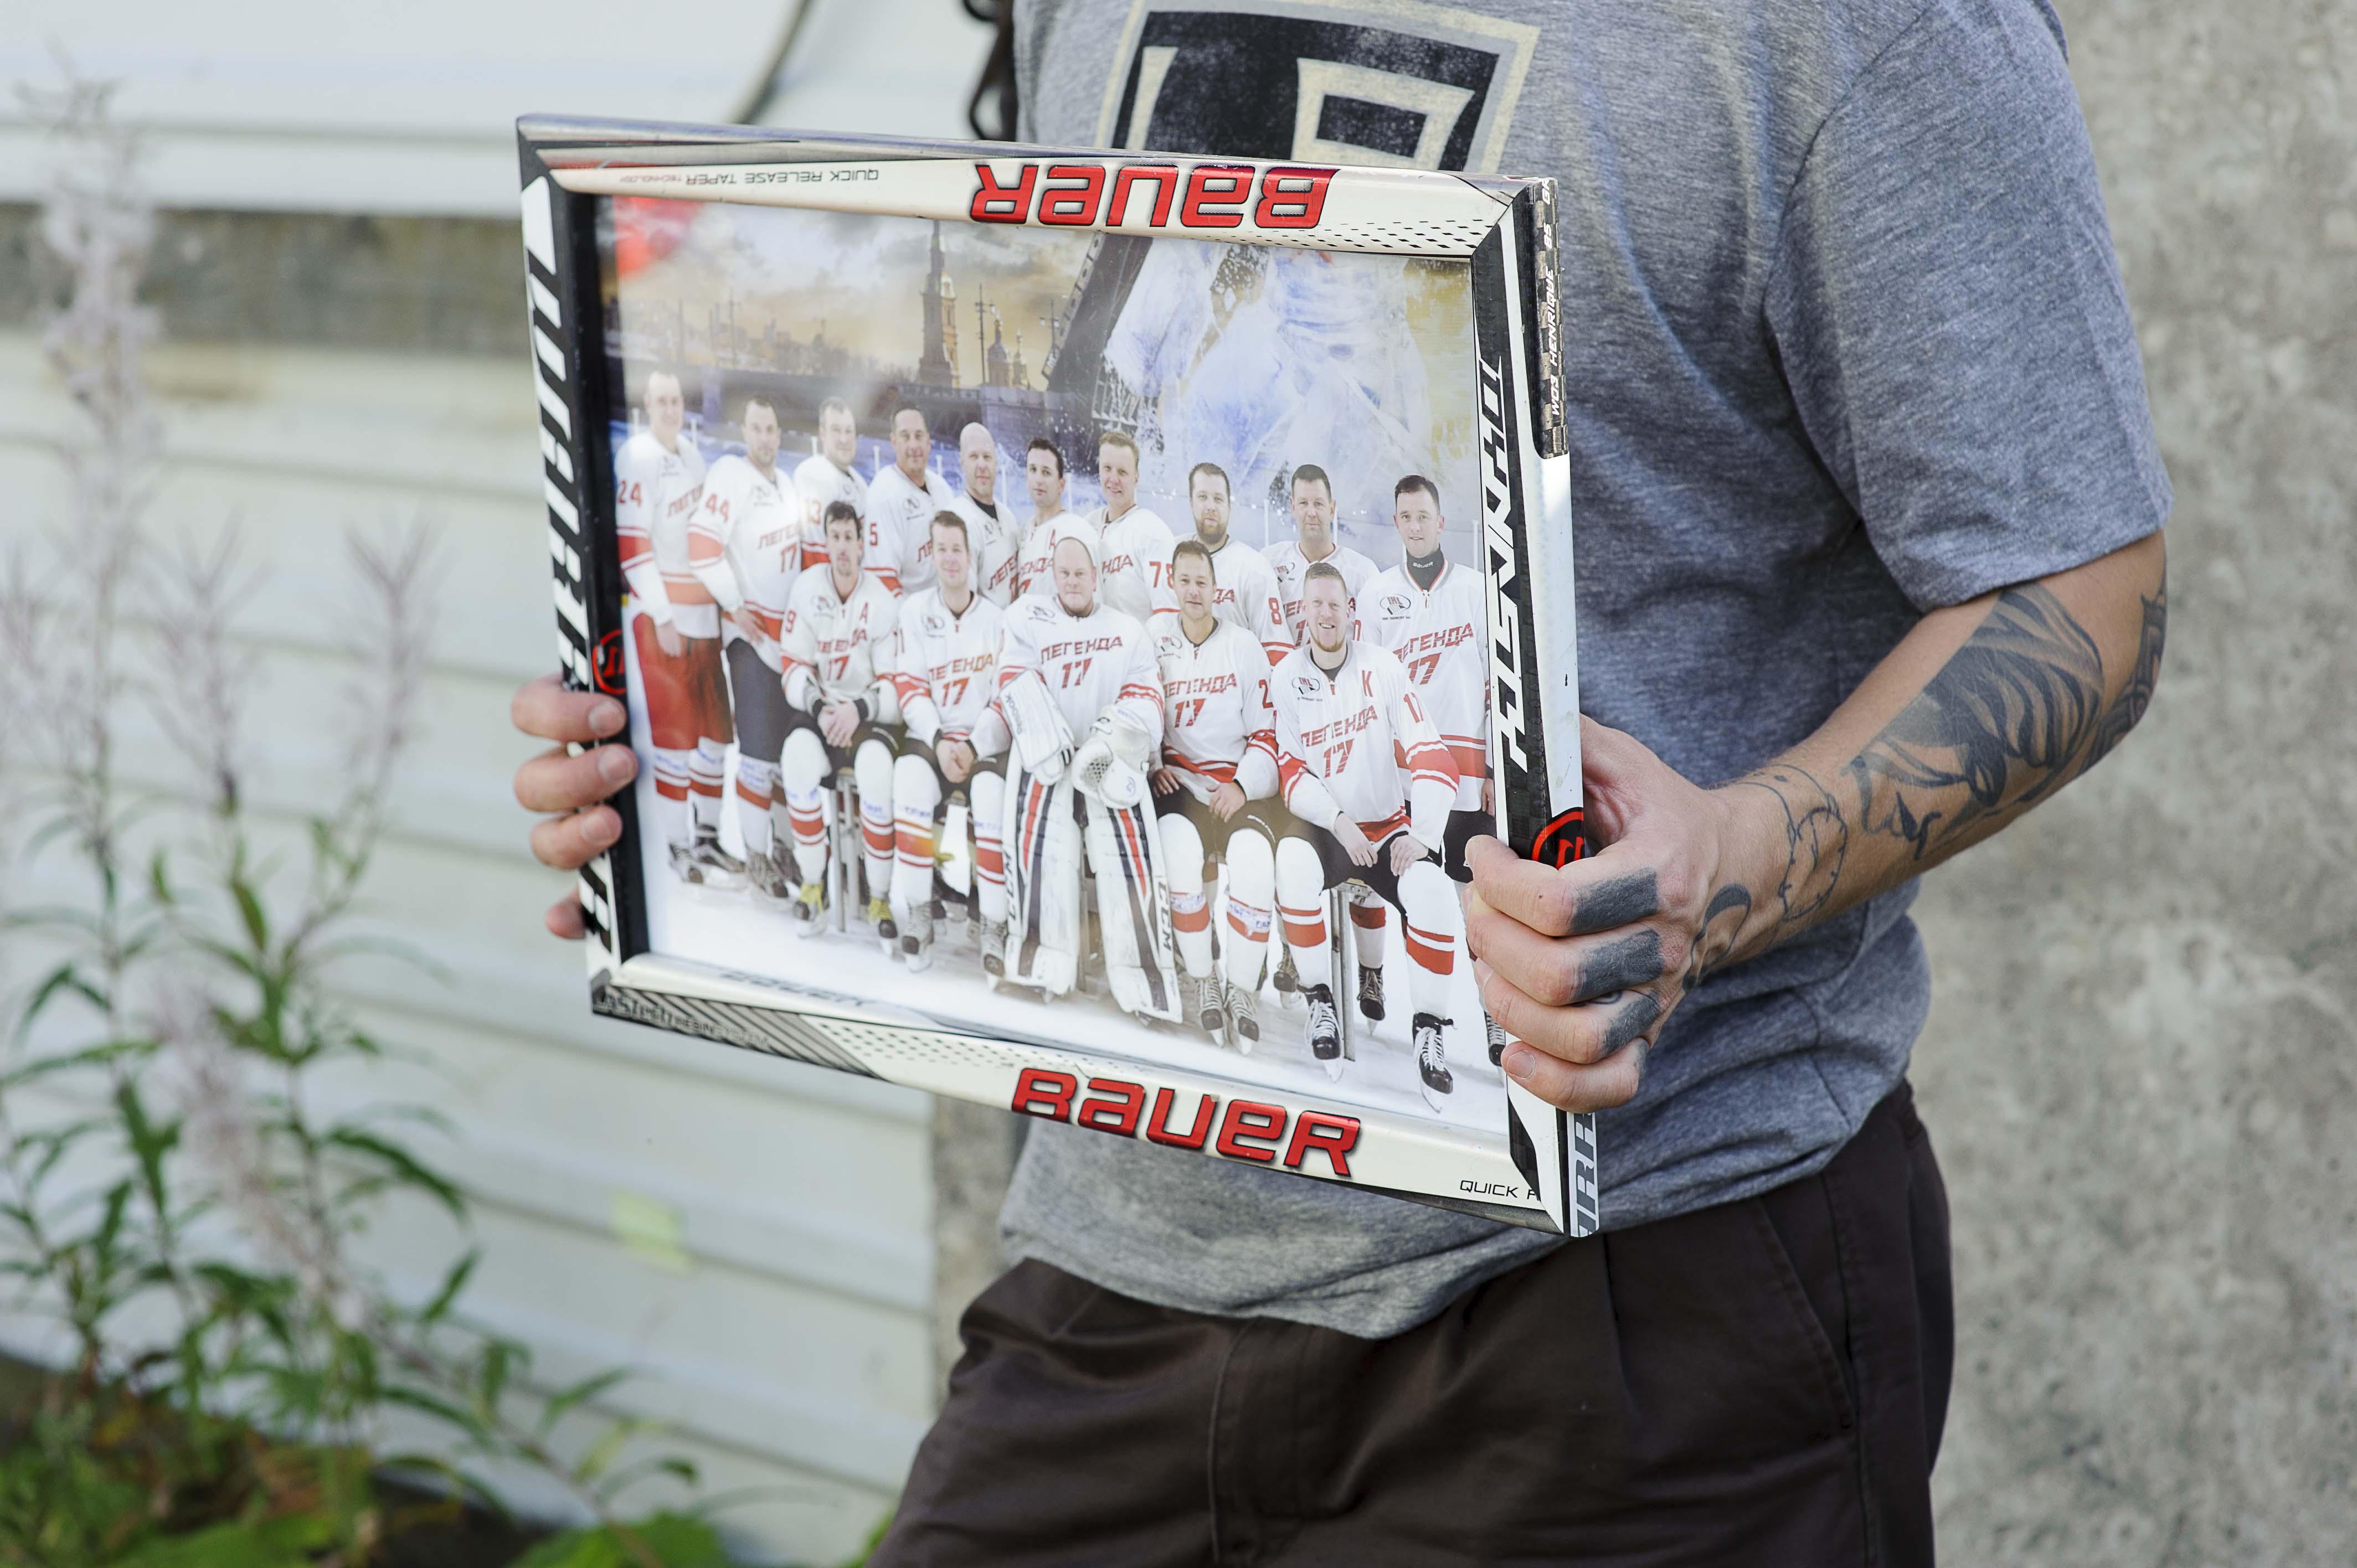 Рамки для фото из хоккейных клюшек